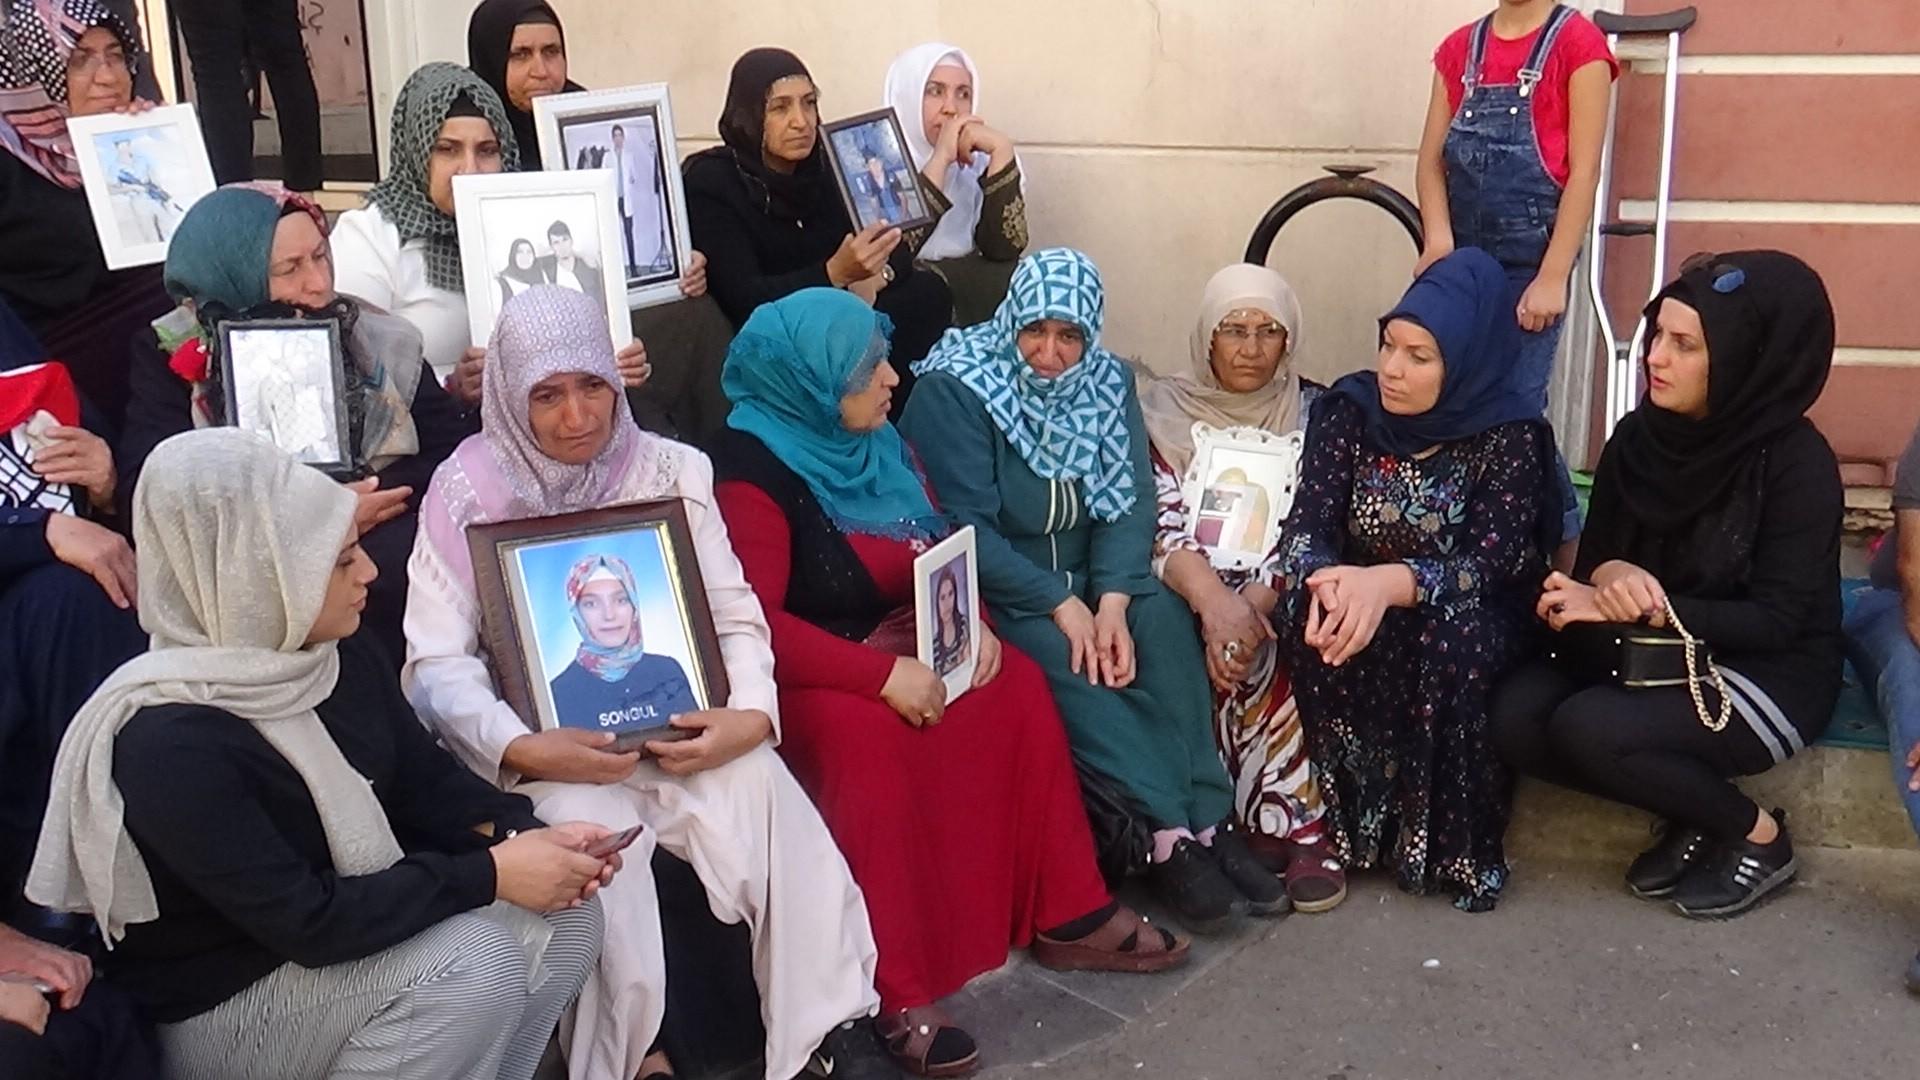 Annelerin HDP önündeki eylemi sürüyor